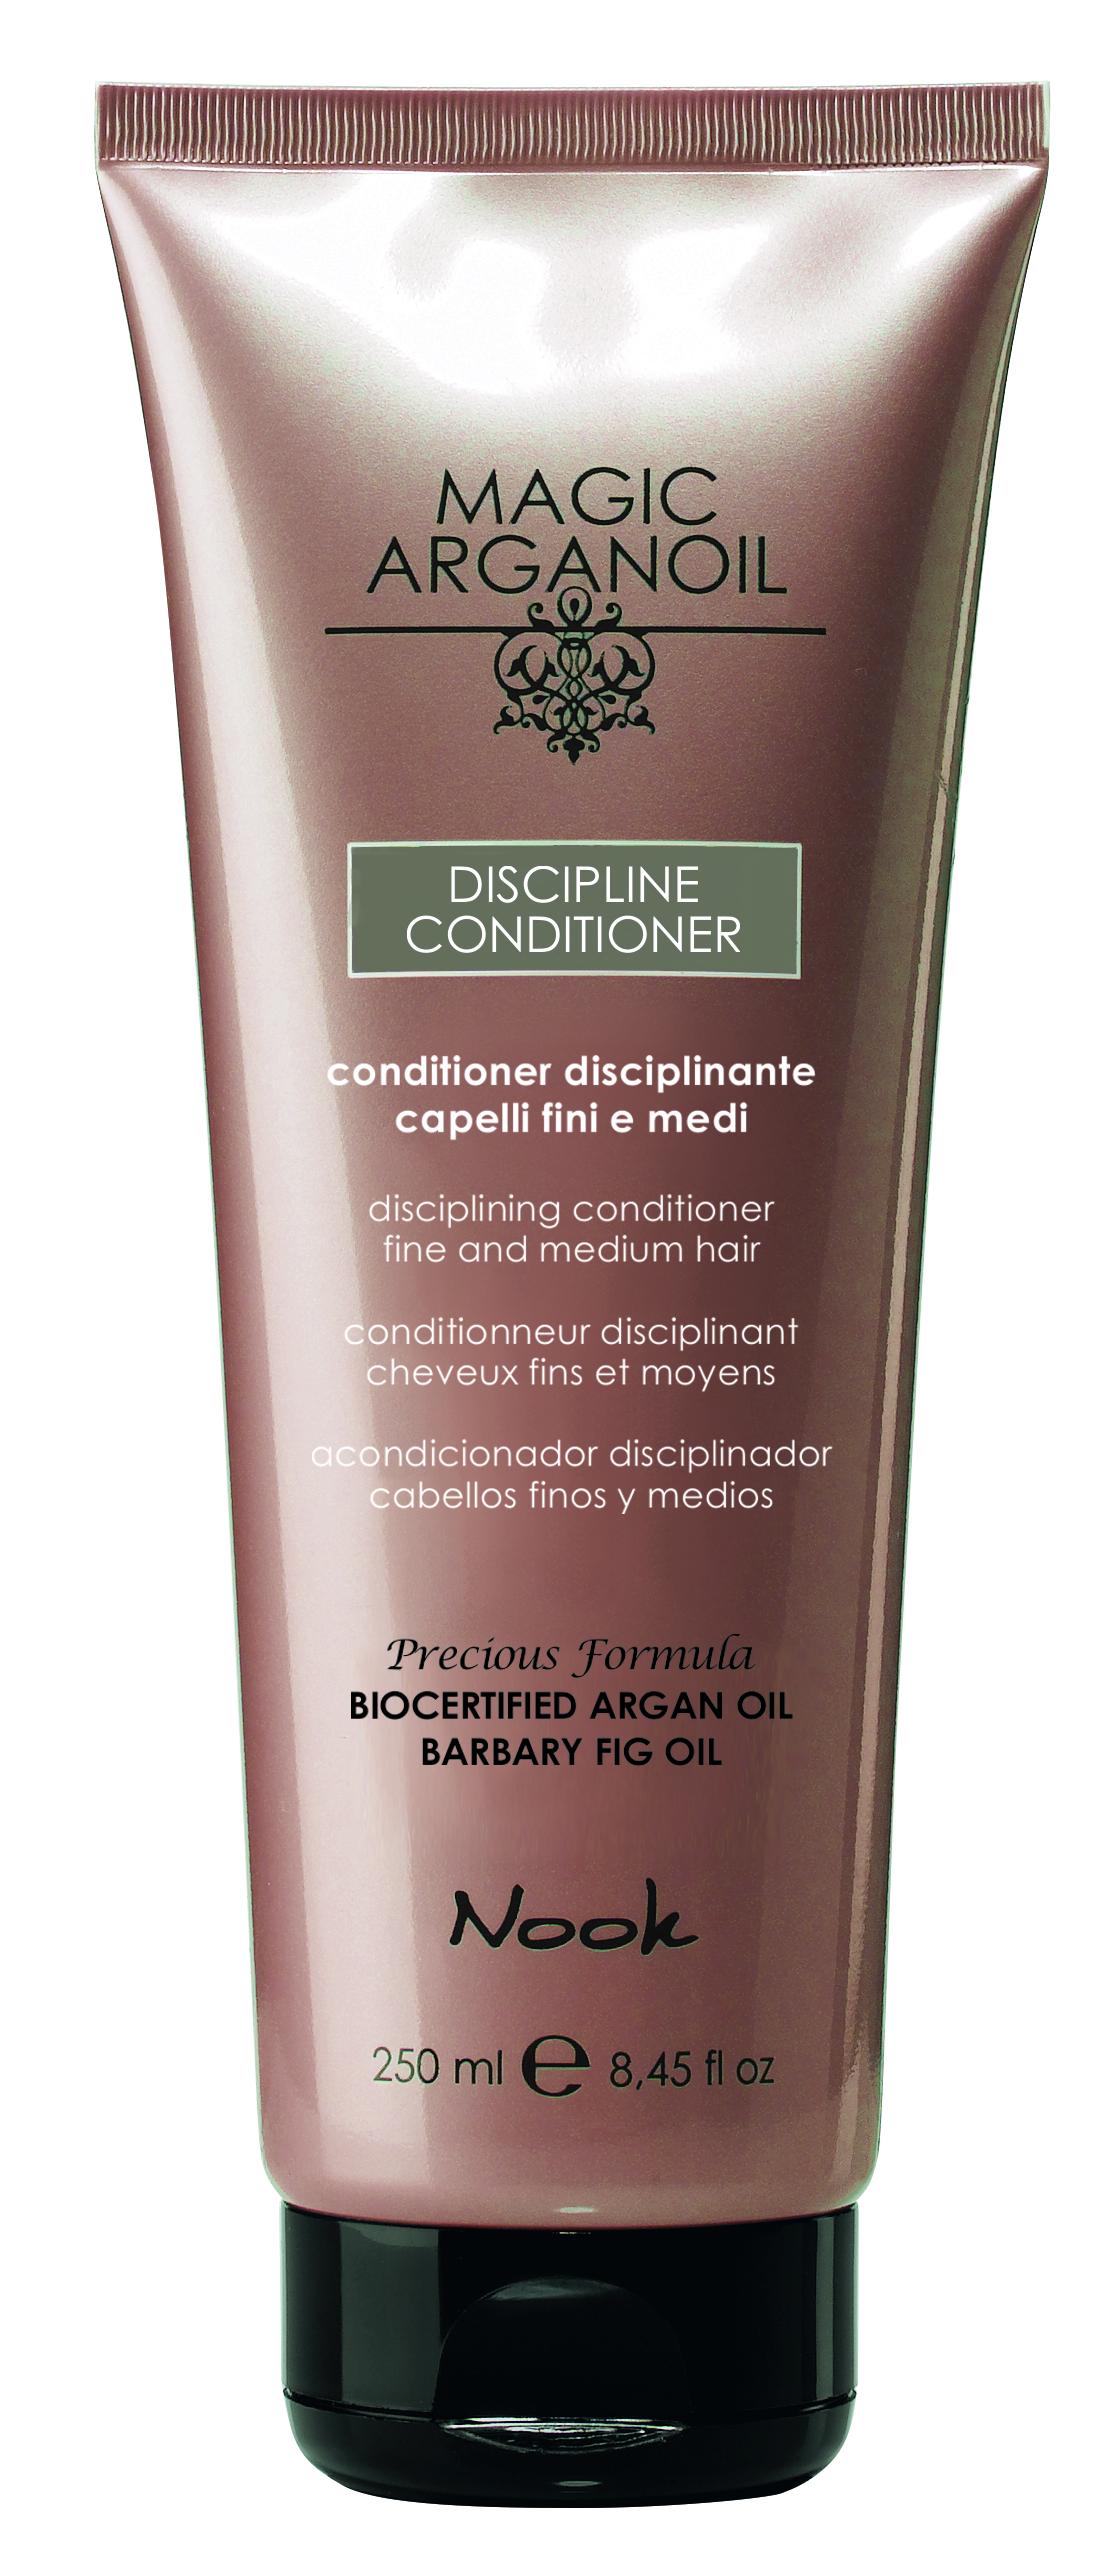 Купить NOOK Кондиционер для ухода за тонкими и непослушными волосами / Disciplining Conditioner hair anti-frizz MAGIC ARGANOIL 250 мл